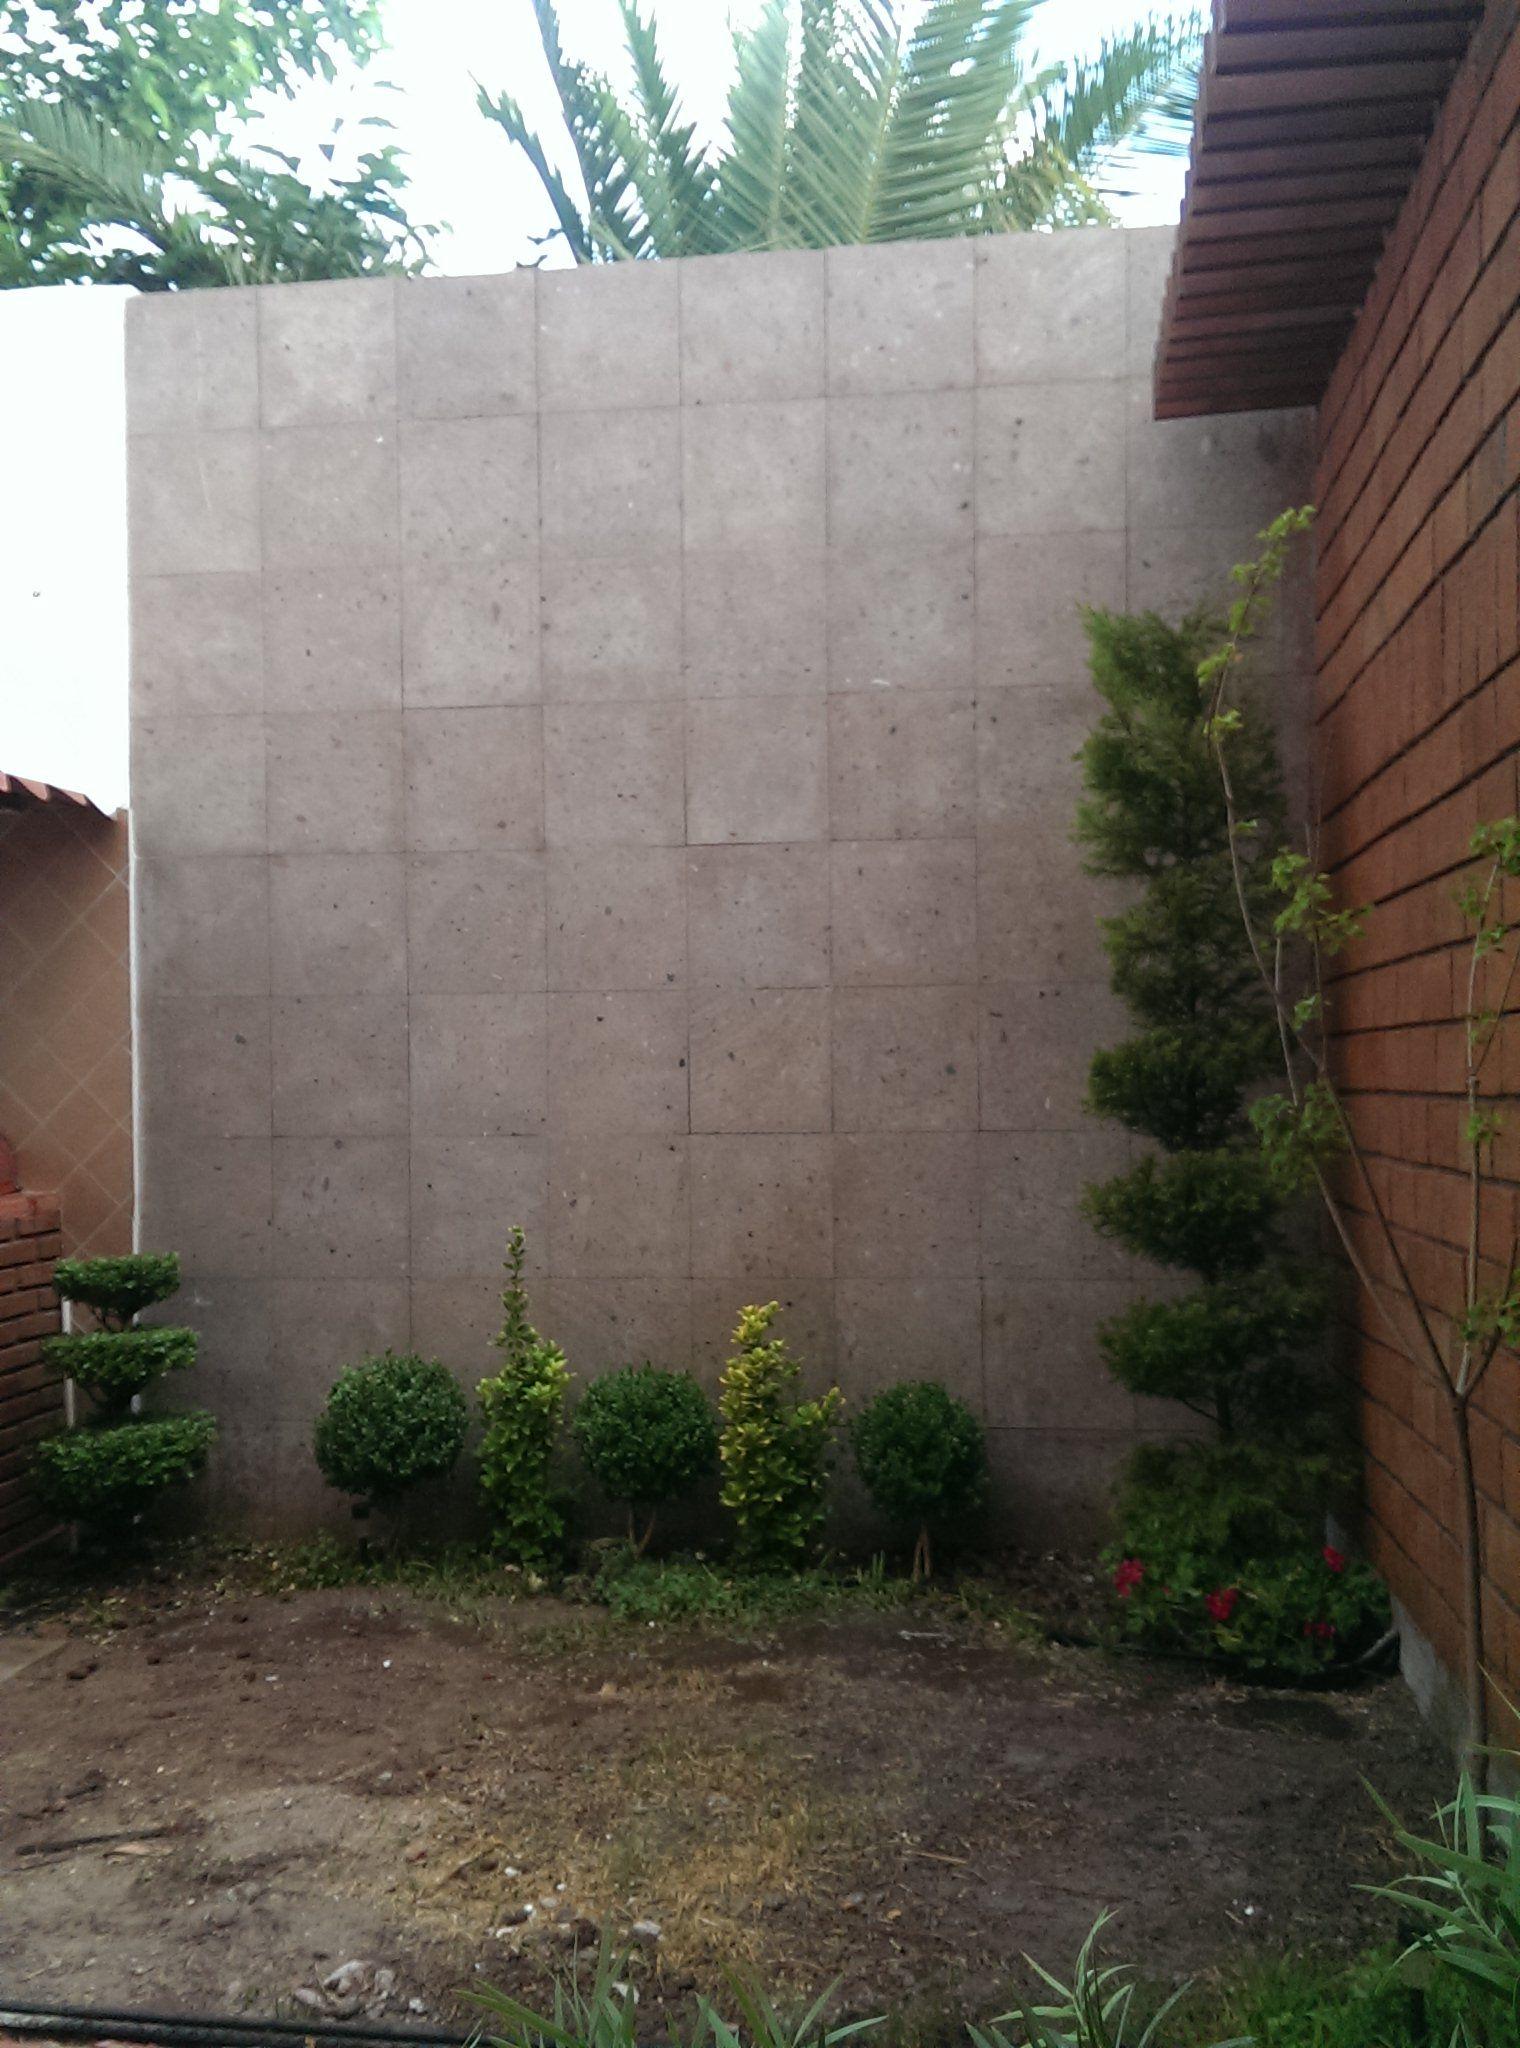 Muro de cantera muro de ladrillo pergola muros - Decoracion muros exteriores ...